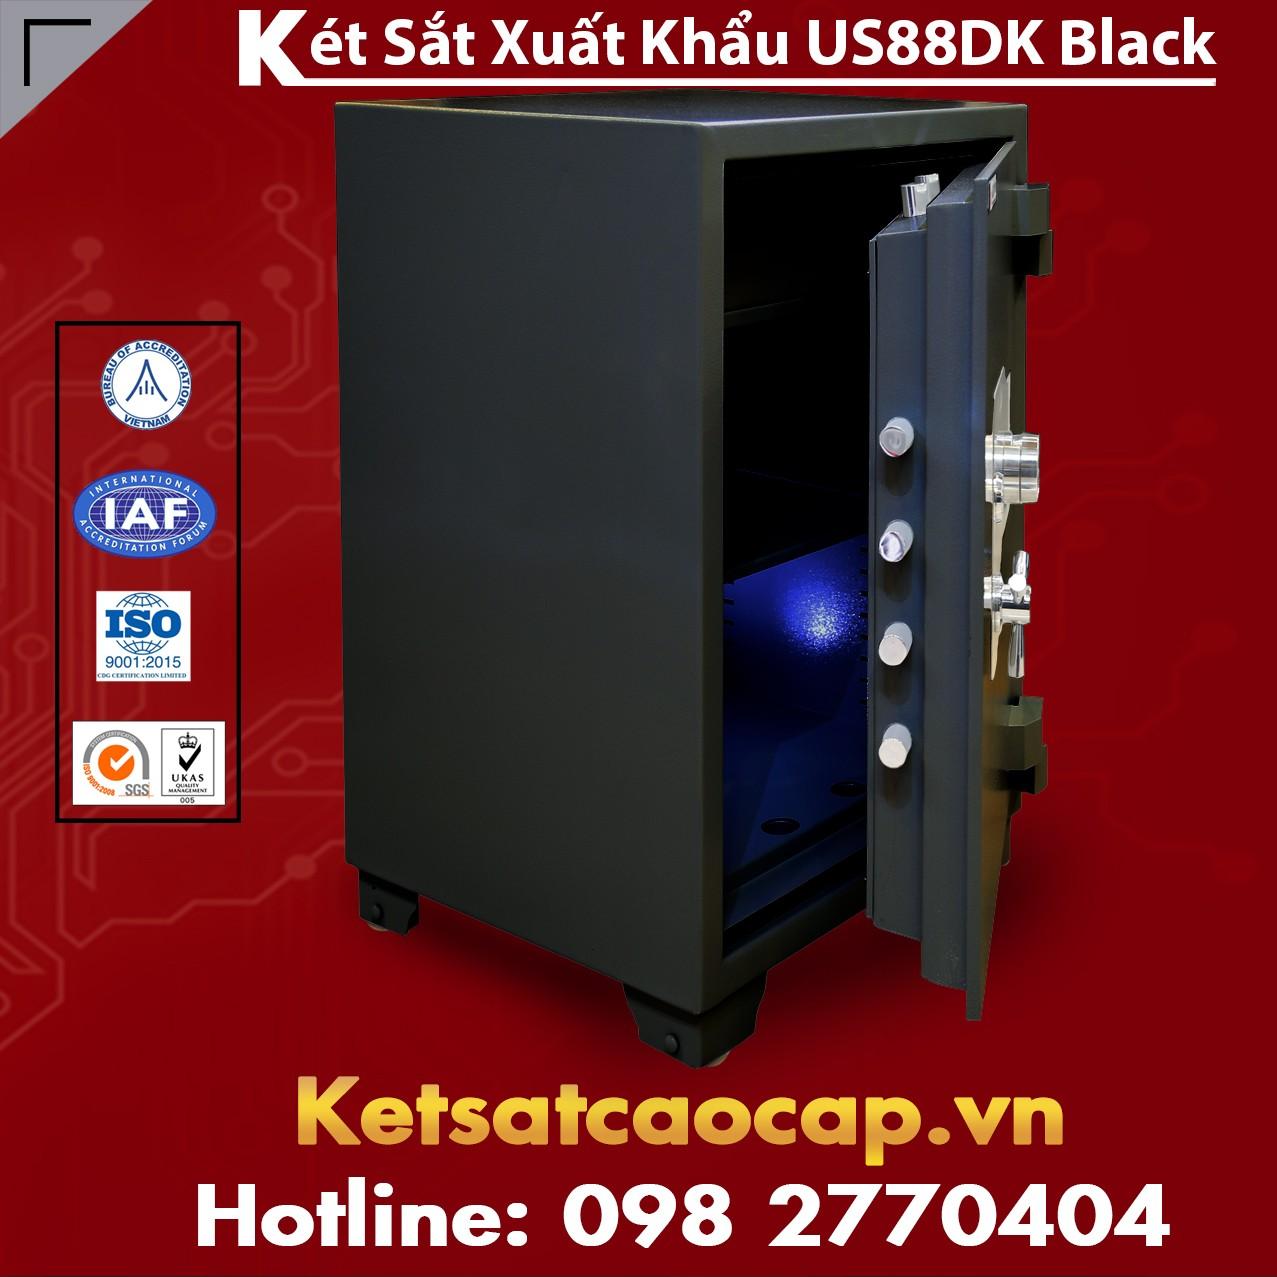 Két Sắt Xuất Khẩu US 88 DK Black Hệ thống Báo Trộm Tự Động Chính Hãng